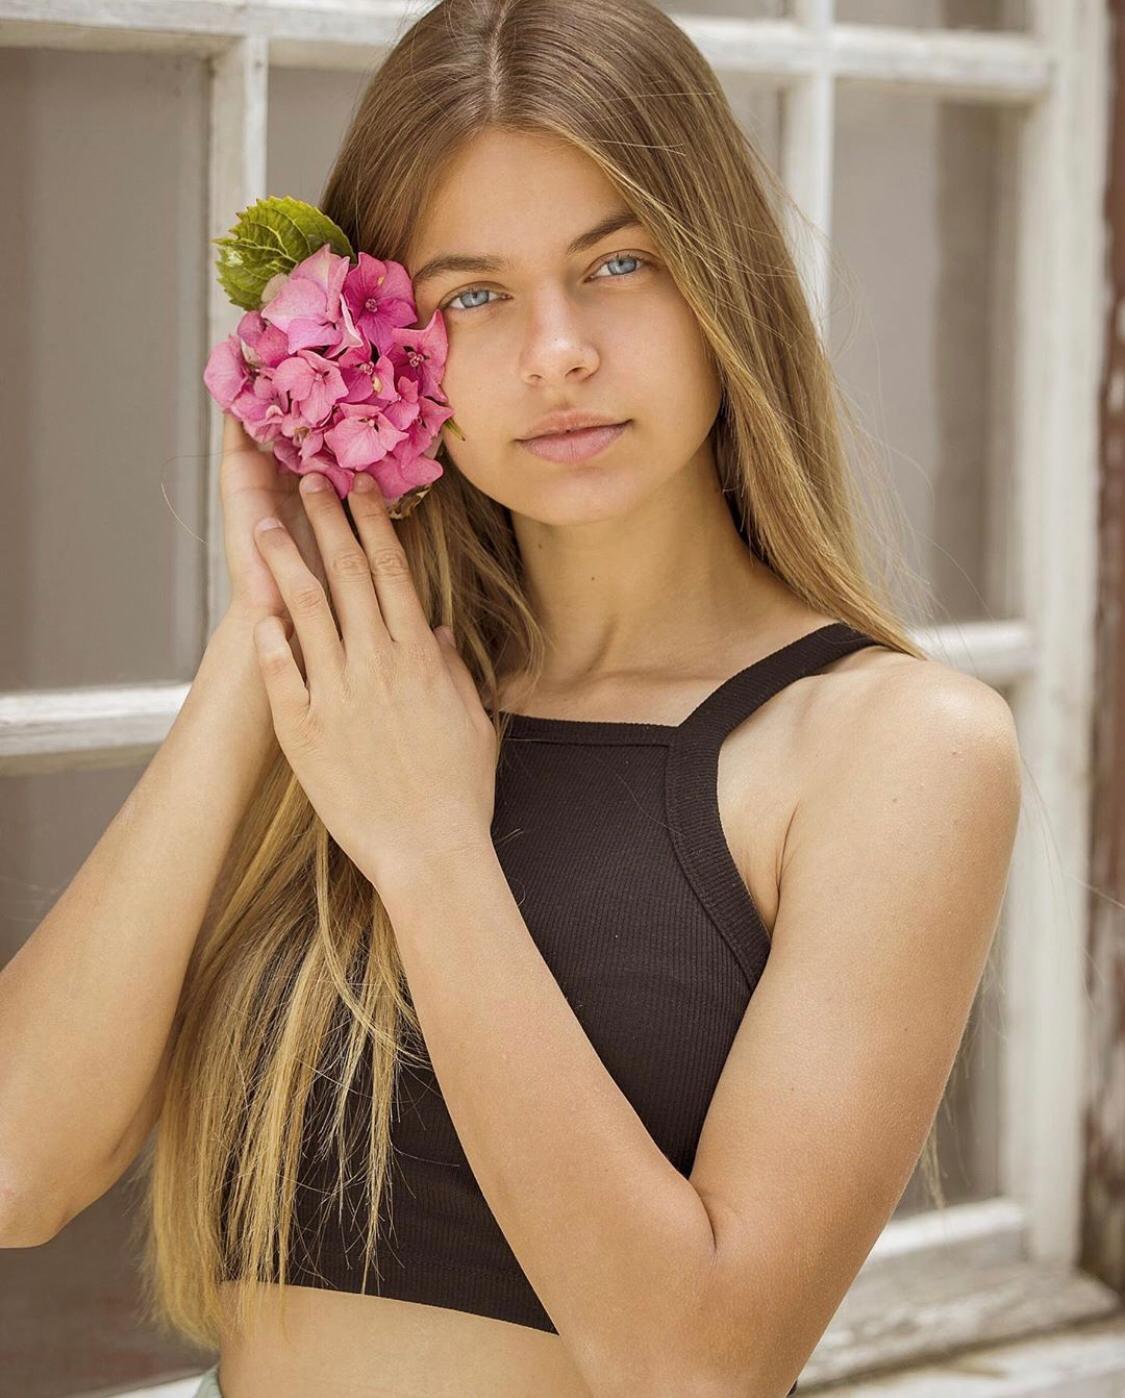 Leonor Borges